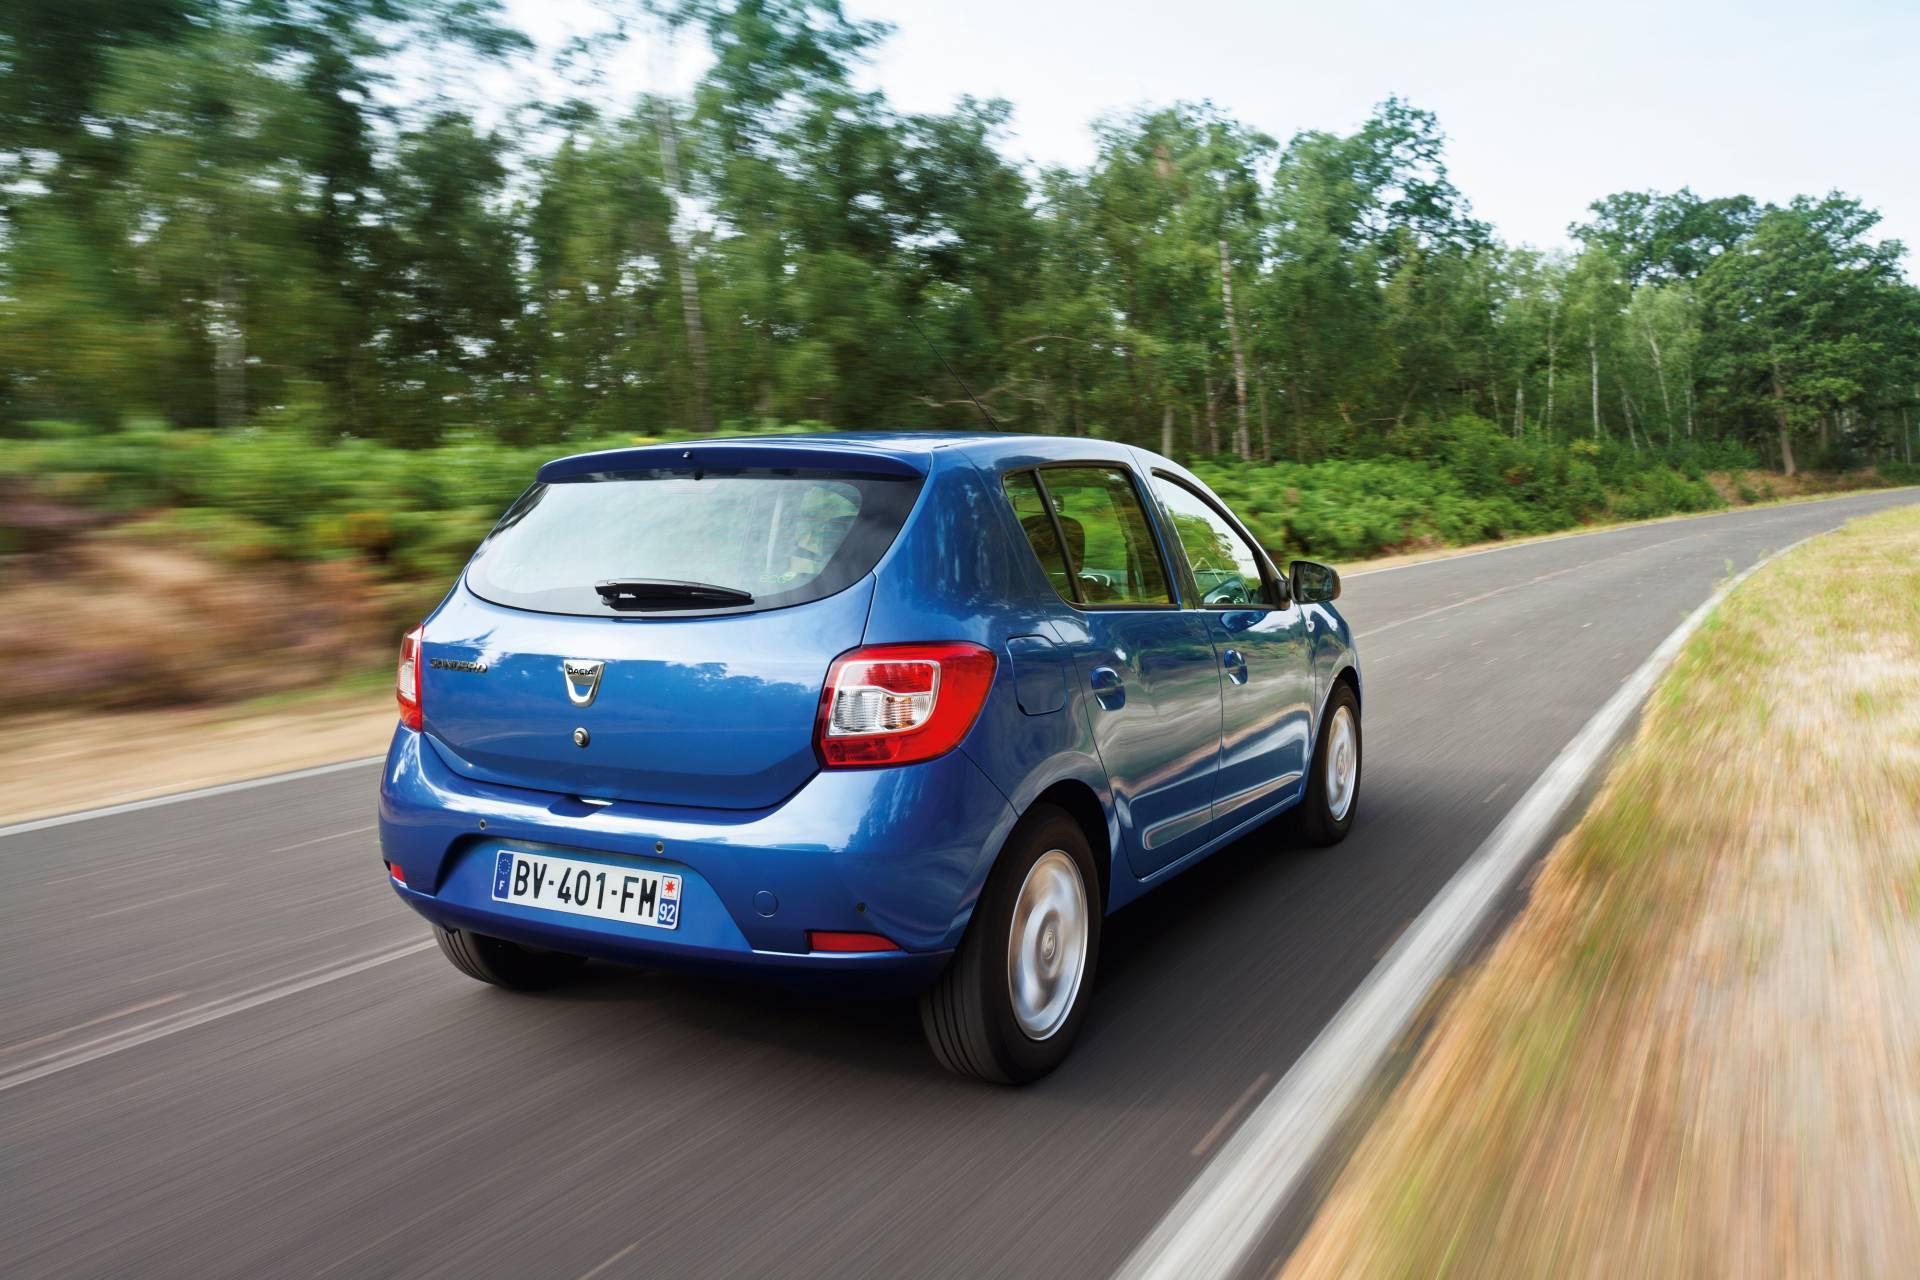 Future Dacia Sandero >> 2013 Dacia Sandero Stepway Images. Photo Dacia-Sandero-Stepway-2013-Image-09.jpg